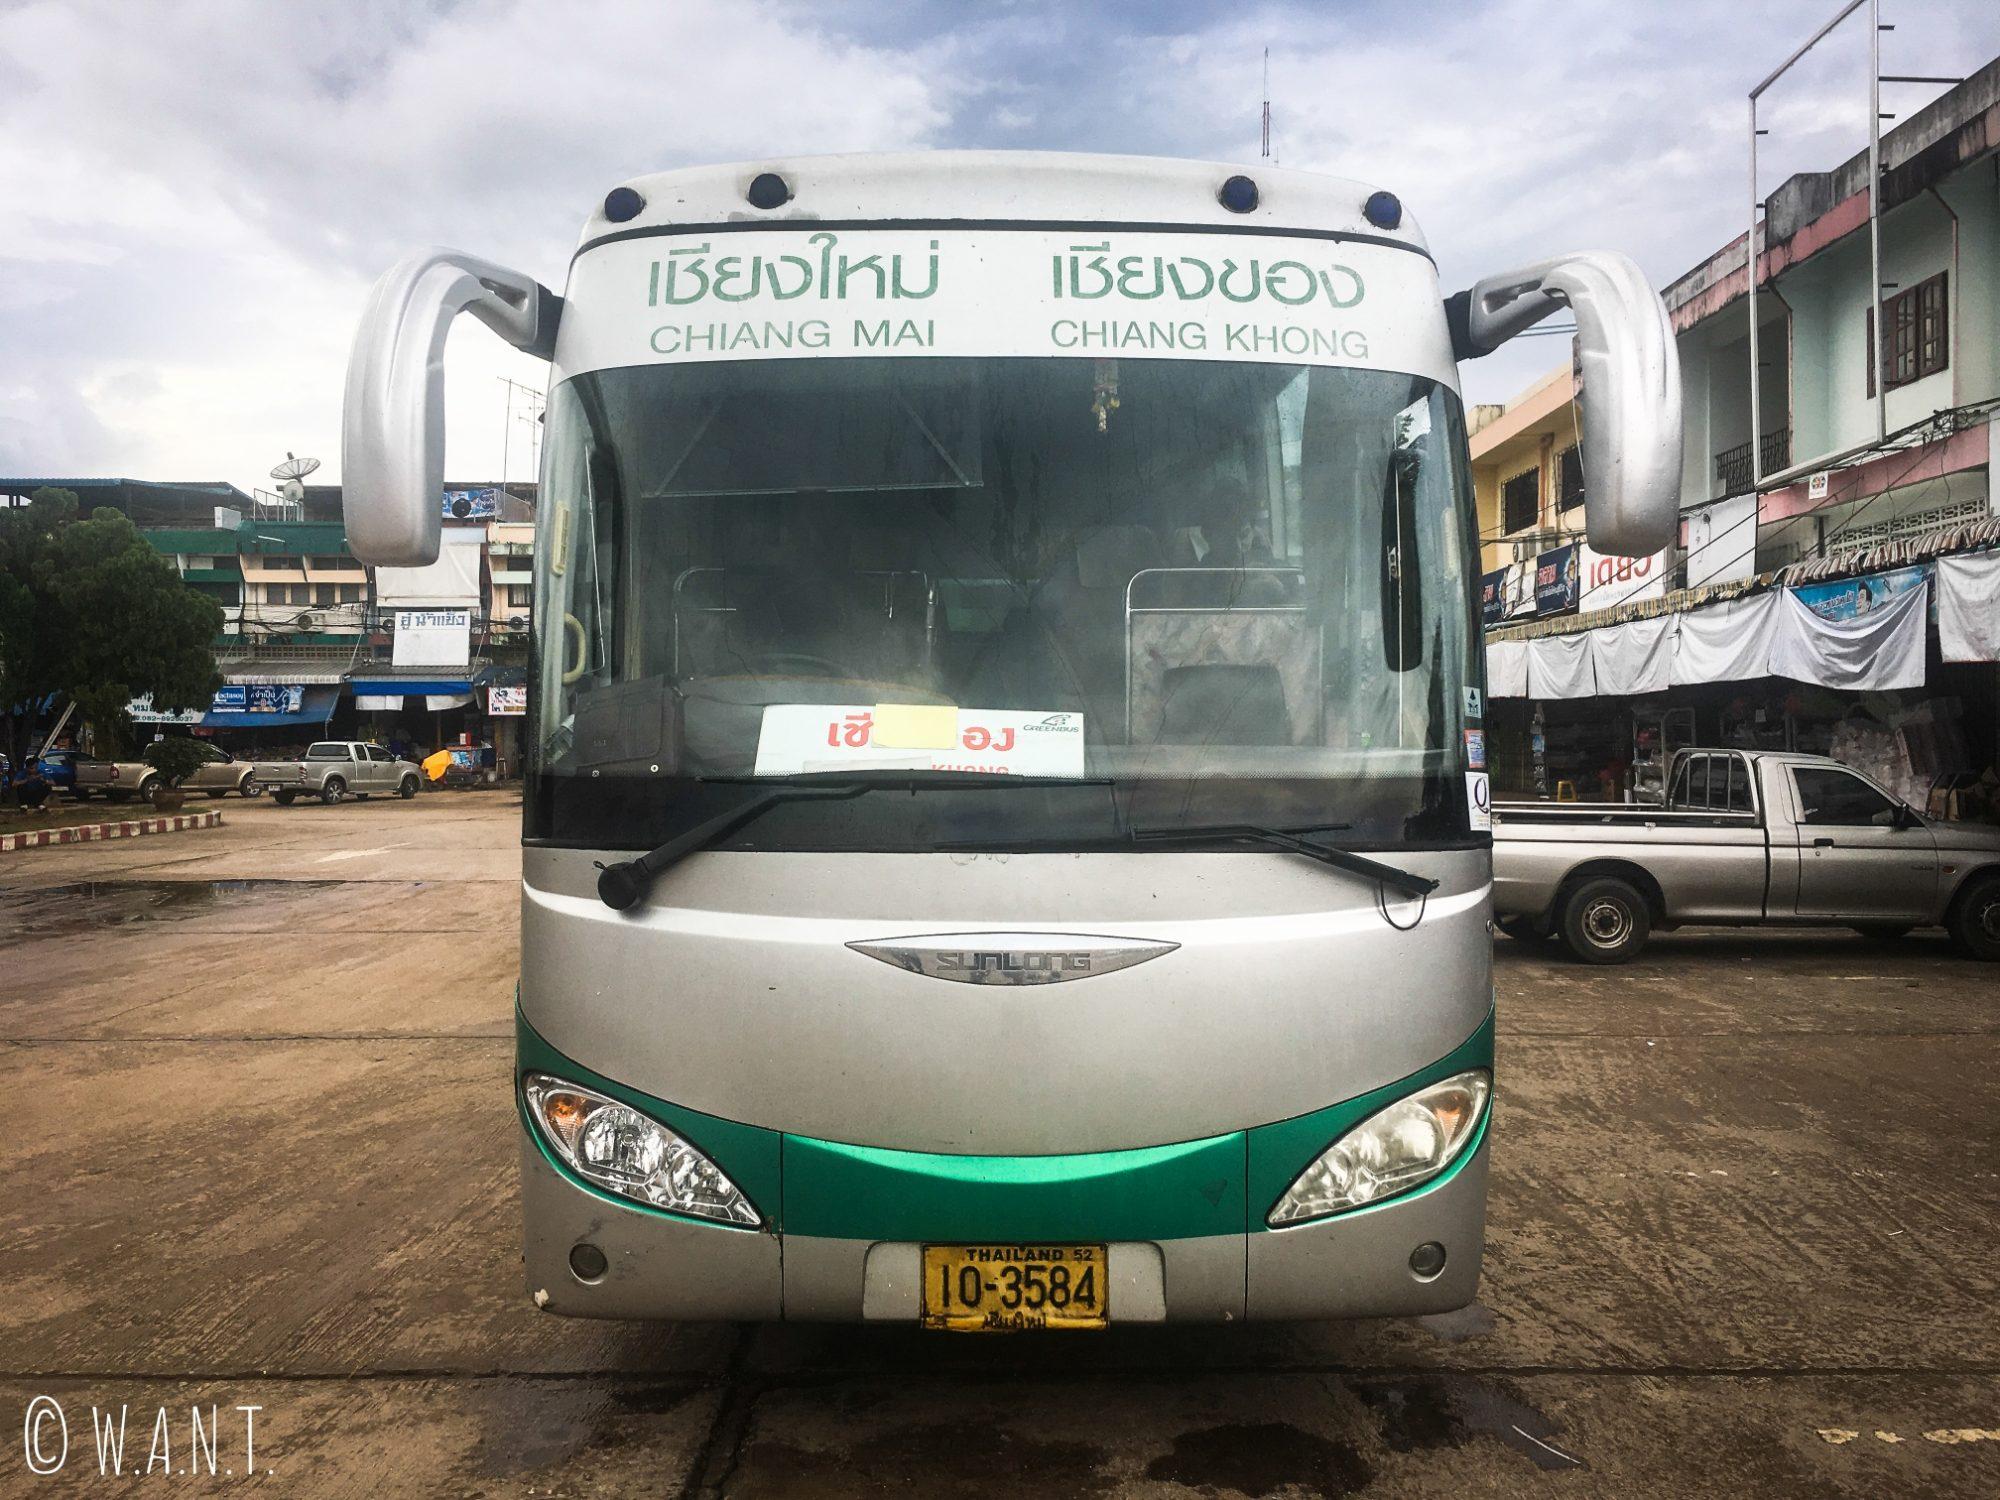 Bus nous conduisant de Chiang Mai à Chiang Khong